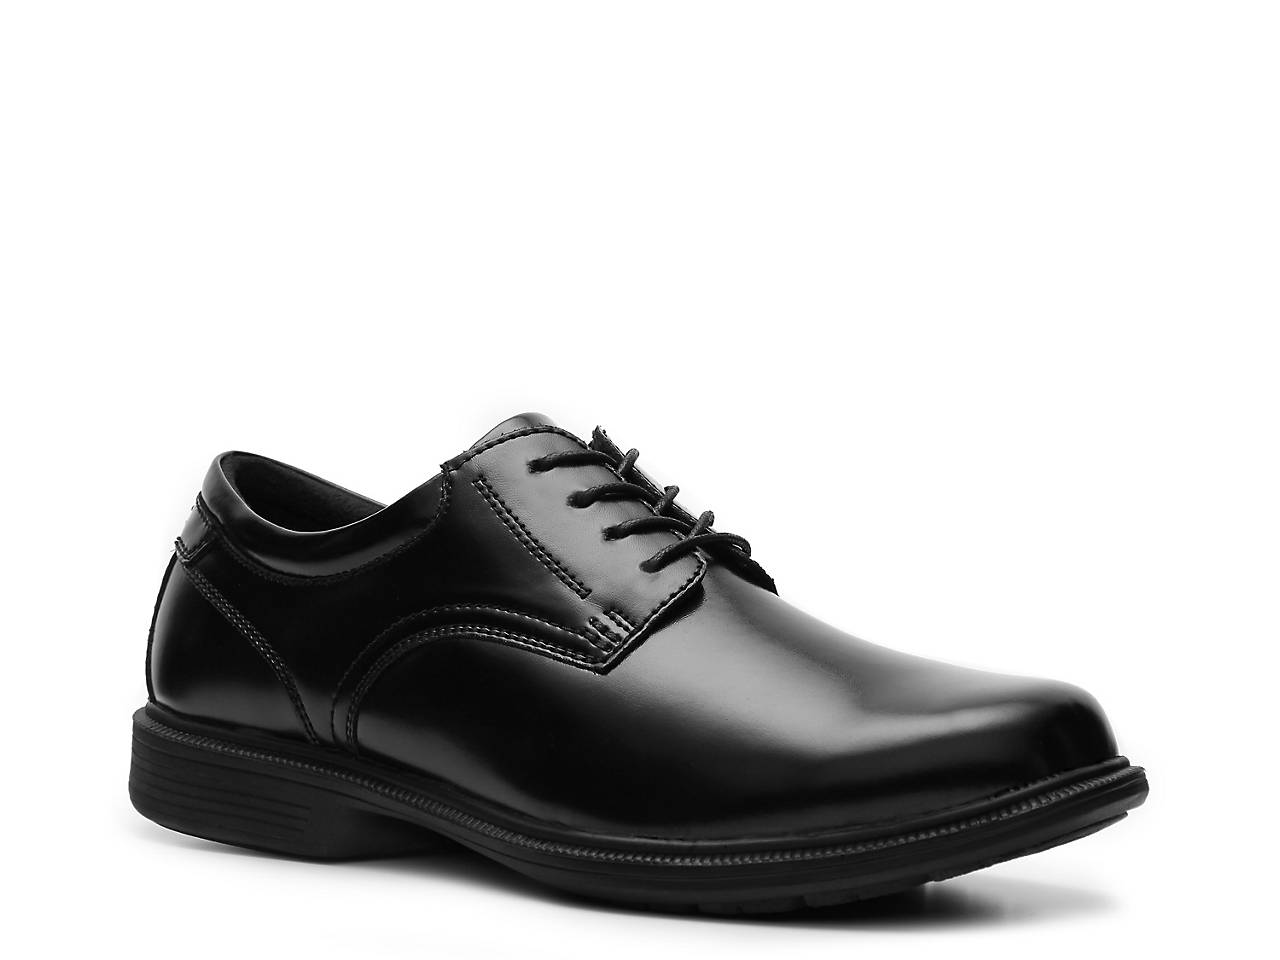 Size 11.5 US Nunn Bush Men/'s Baker St Leather Dress Shoes 84358